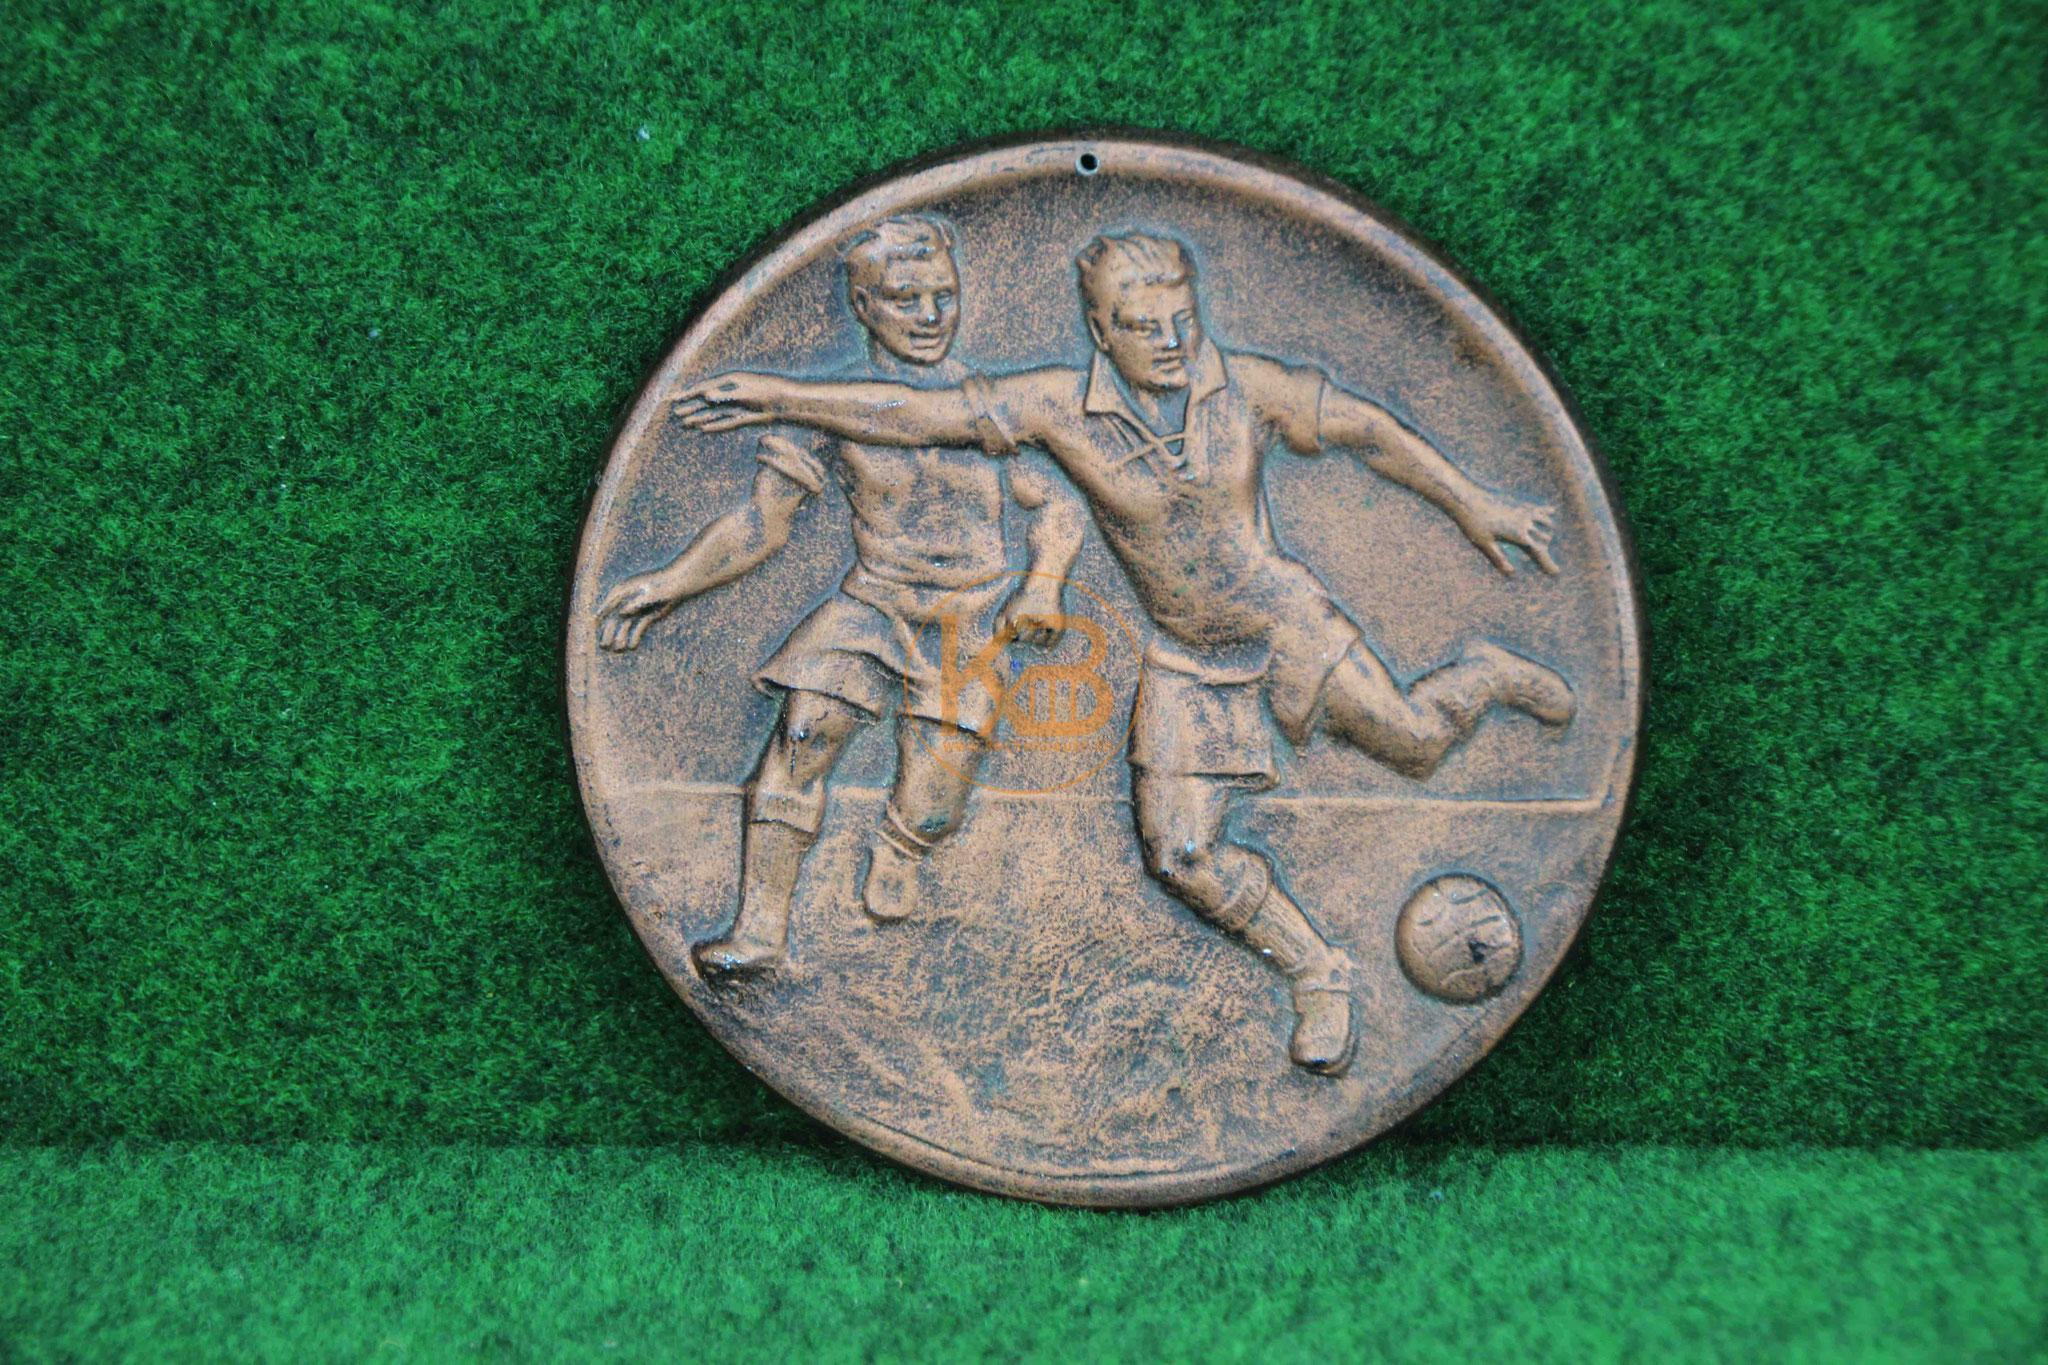 Fußballwandplakette aus den 1960er Jahren.